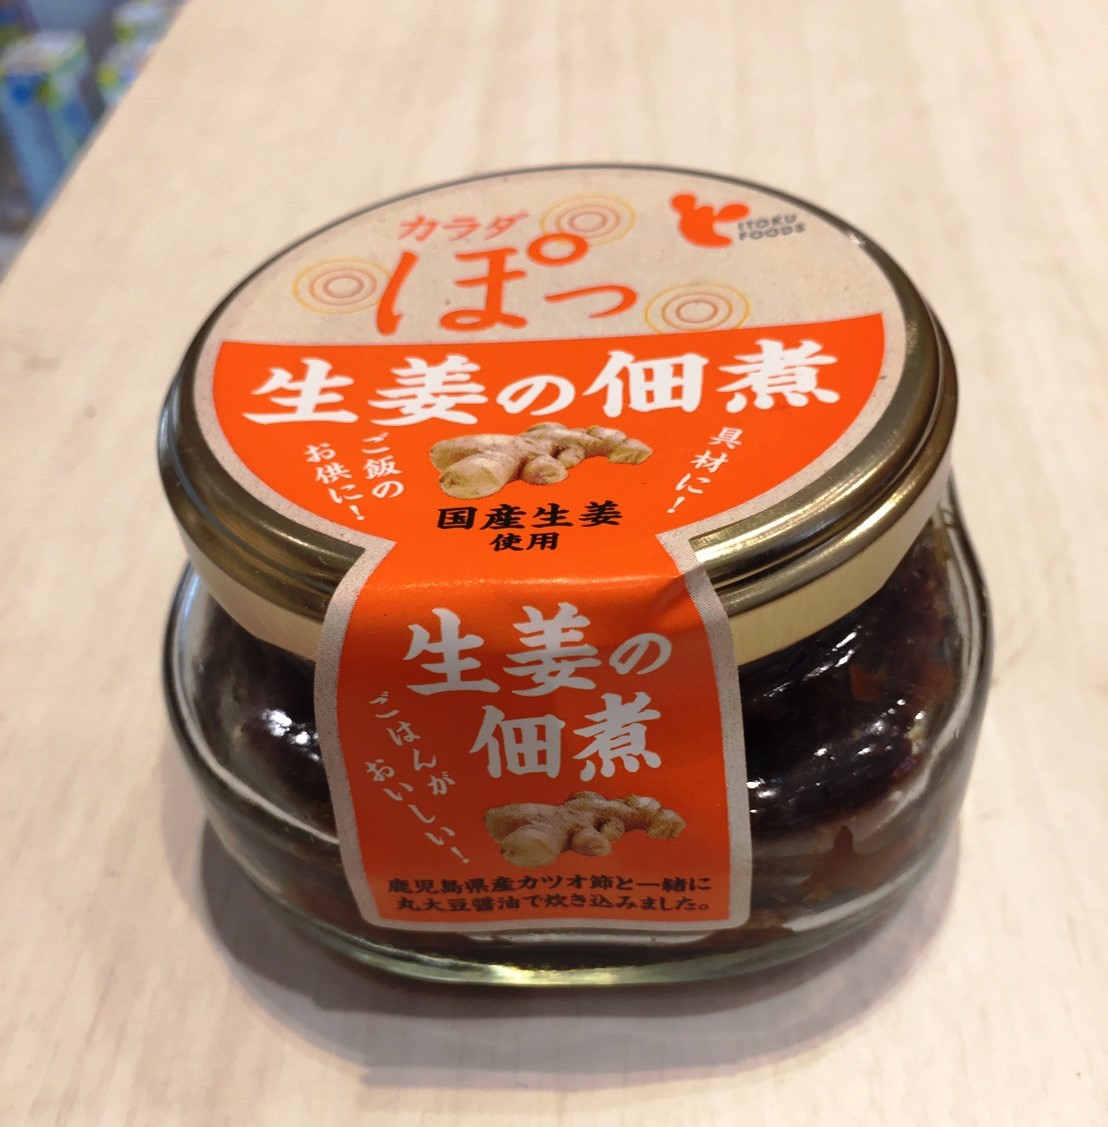 『がんばろう広島』イトク食品さん(尾道市)が、生姜を使った商品の試食・試飲販売会を開催!